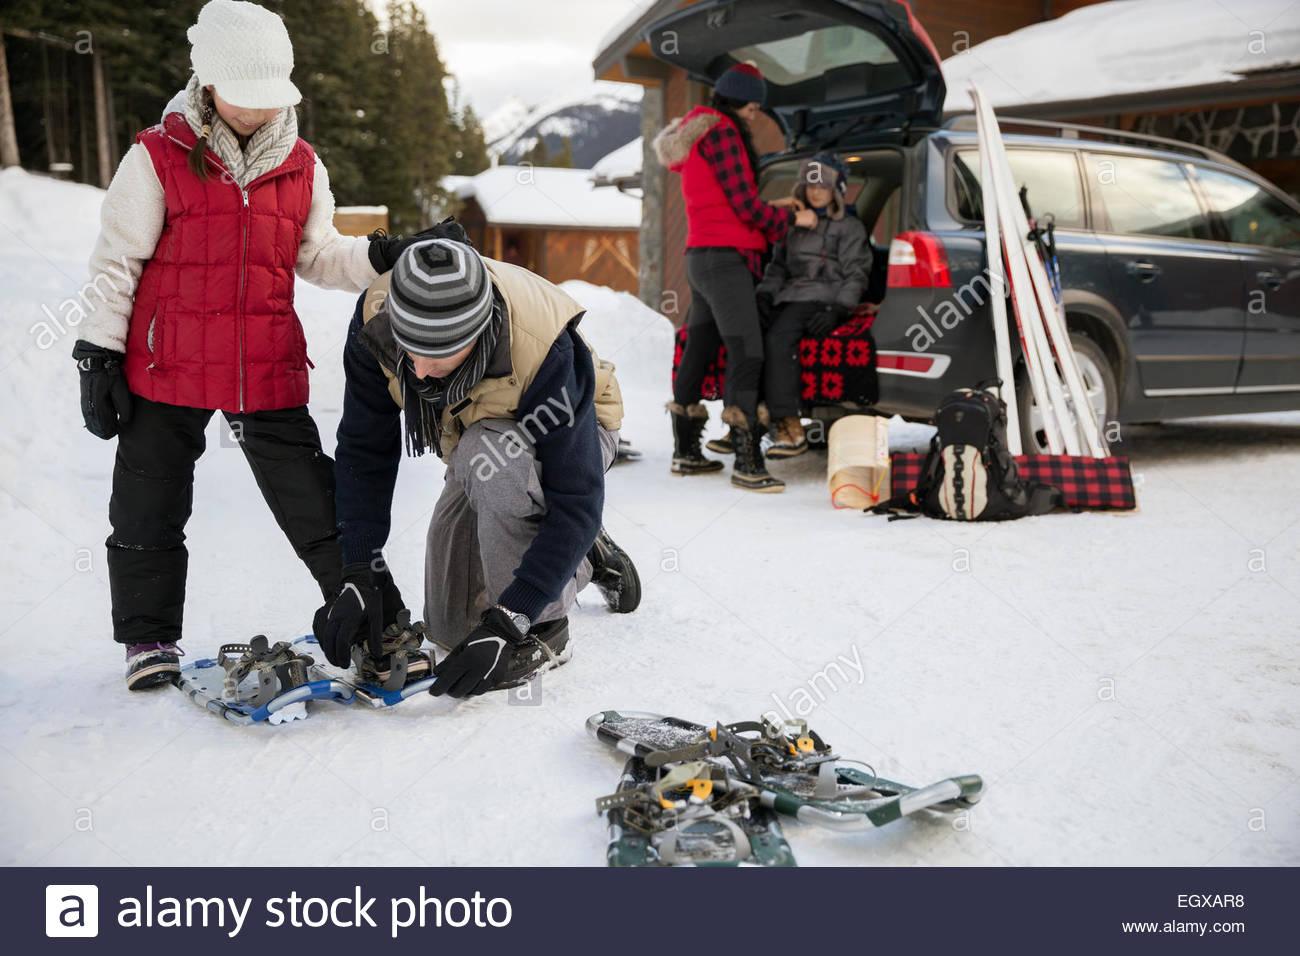 Padre di racchette da neve di fissaggio sulla nostra figlia nel vialetto innevato Foto Stock